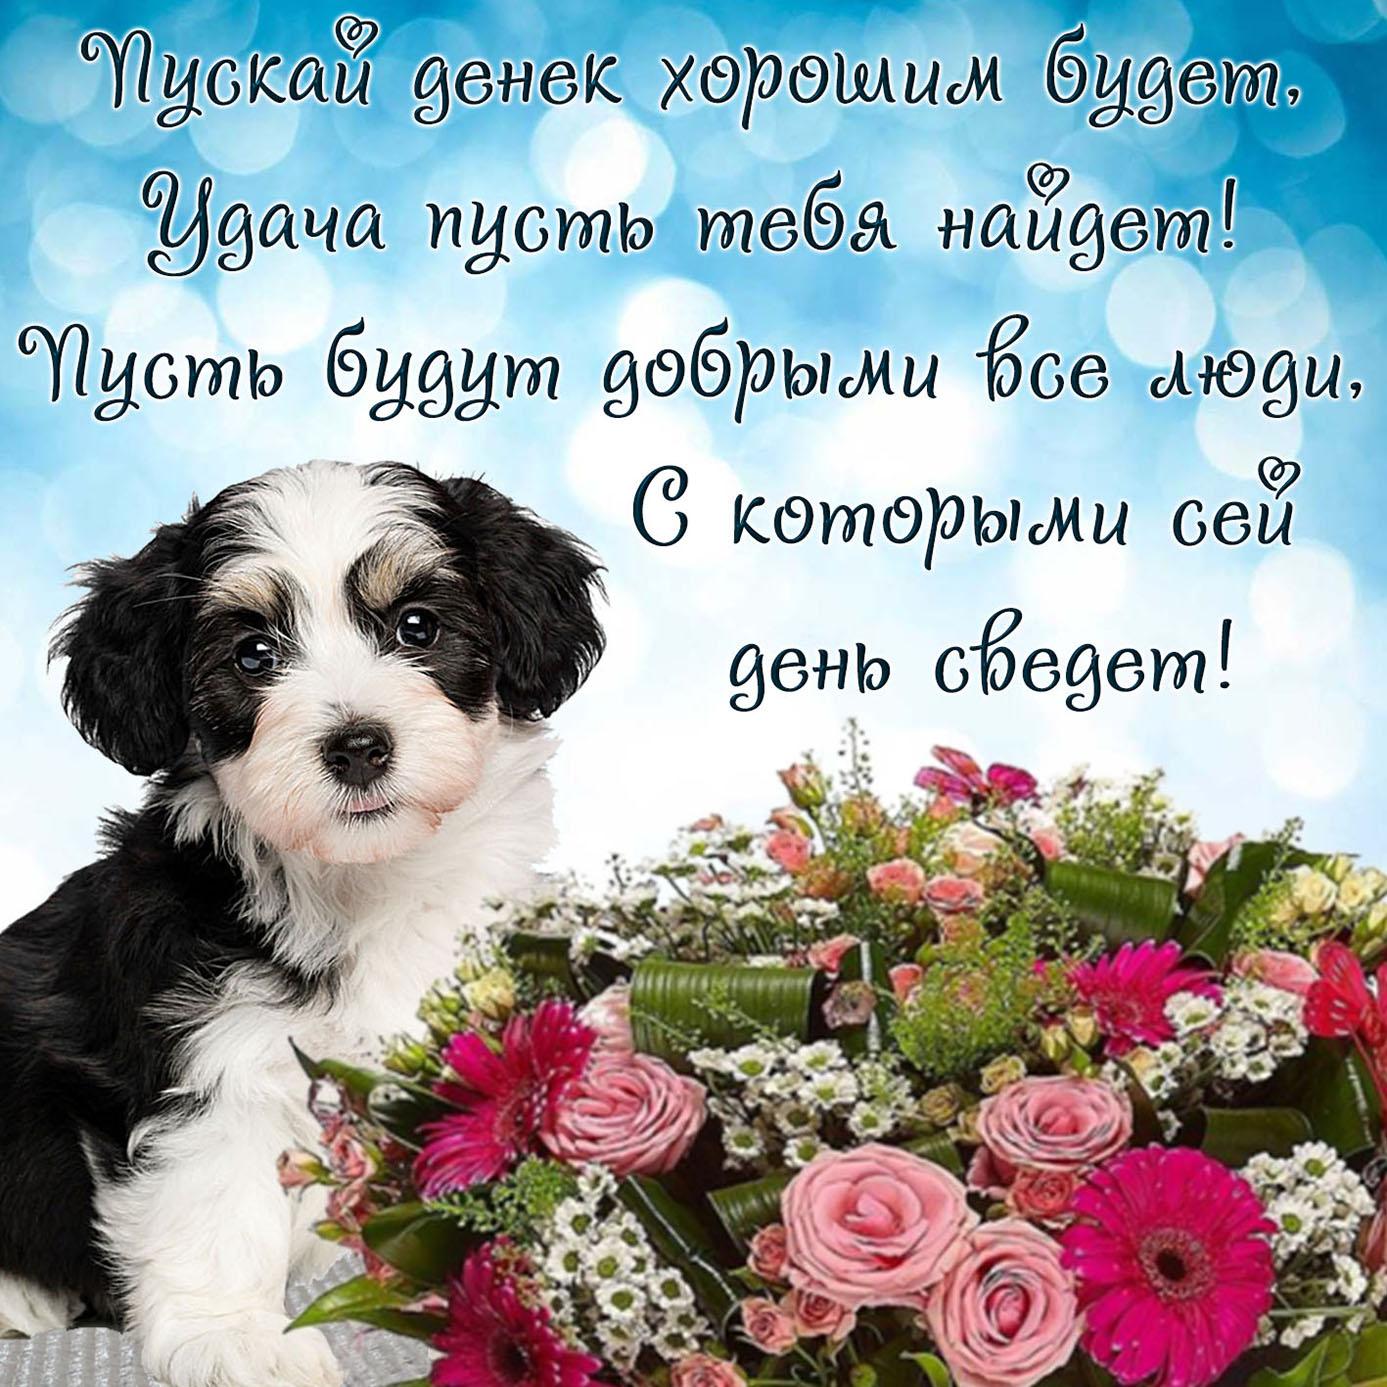 Картинка с собачкой и пожеланием на день